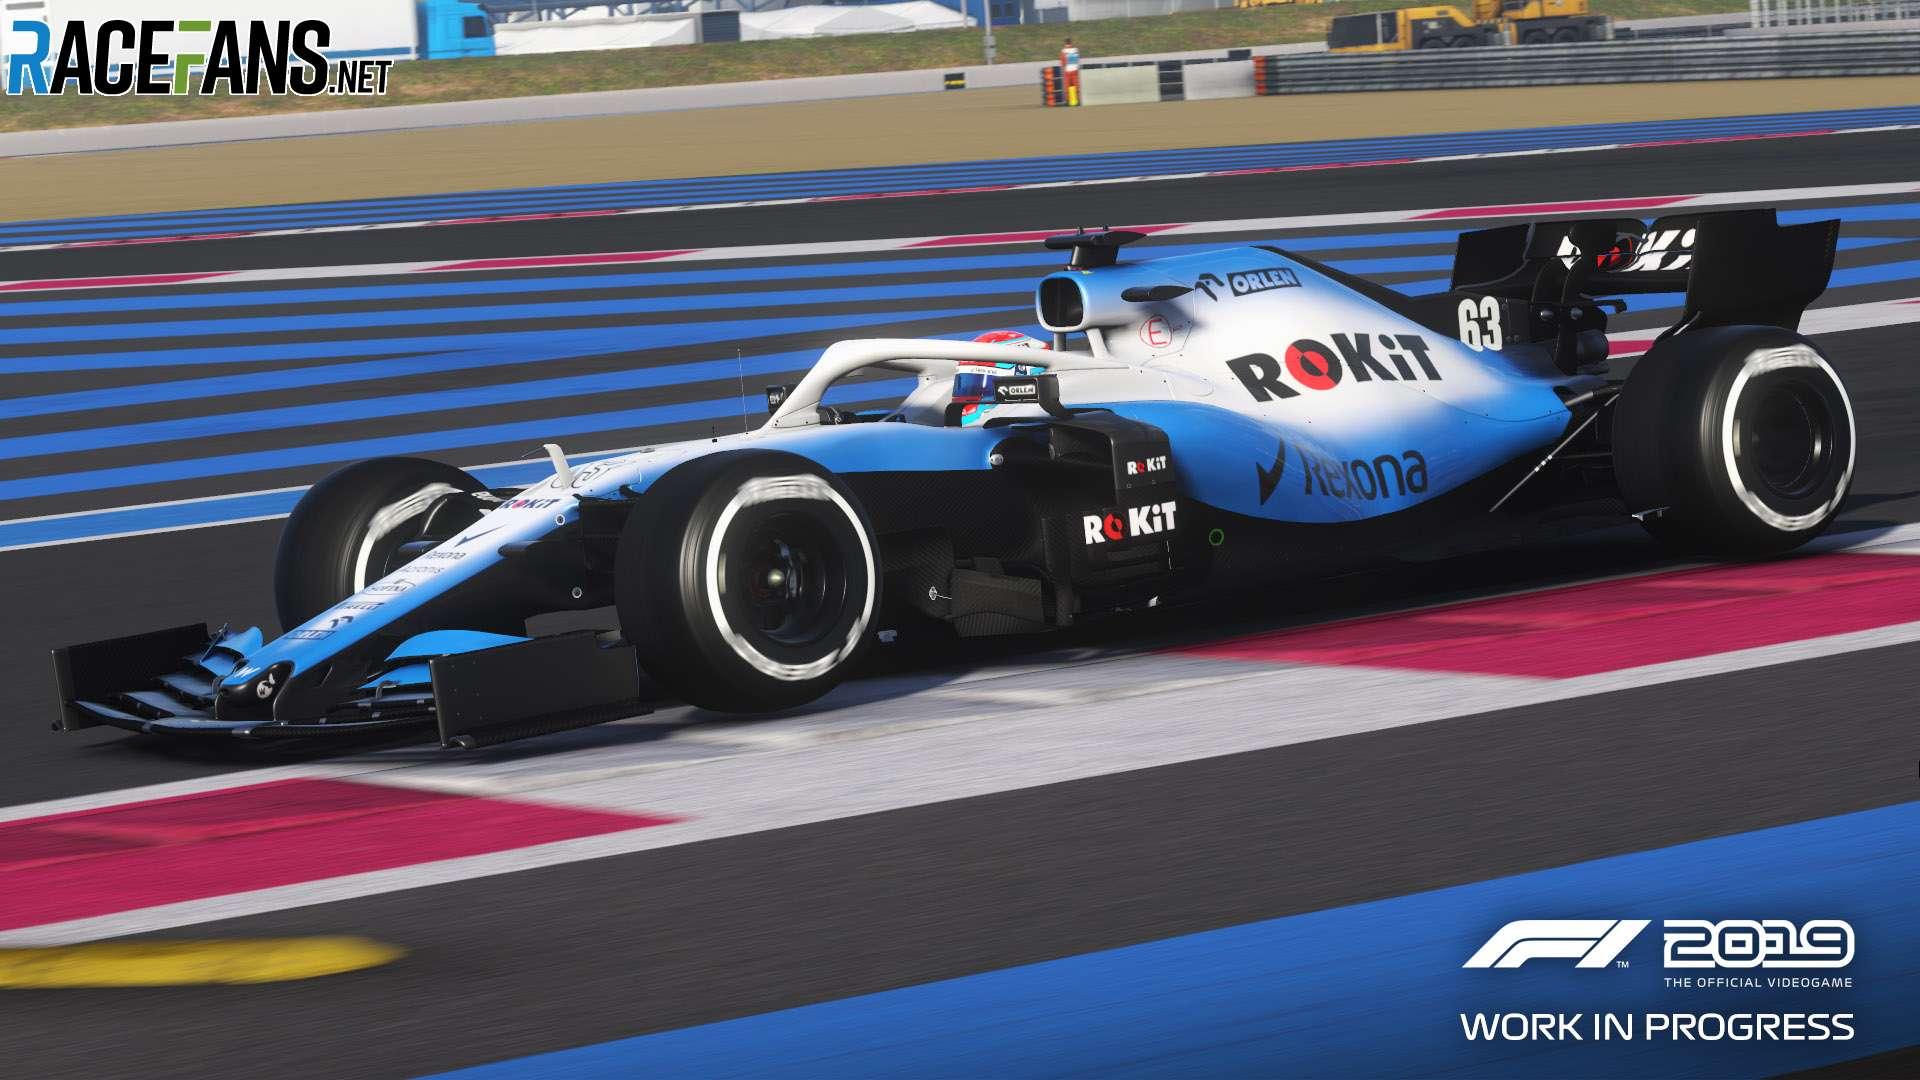 F1 2019: Williams